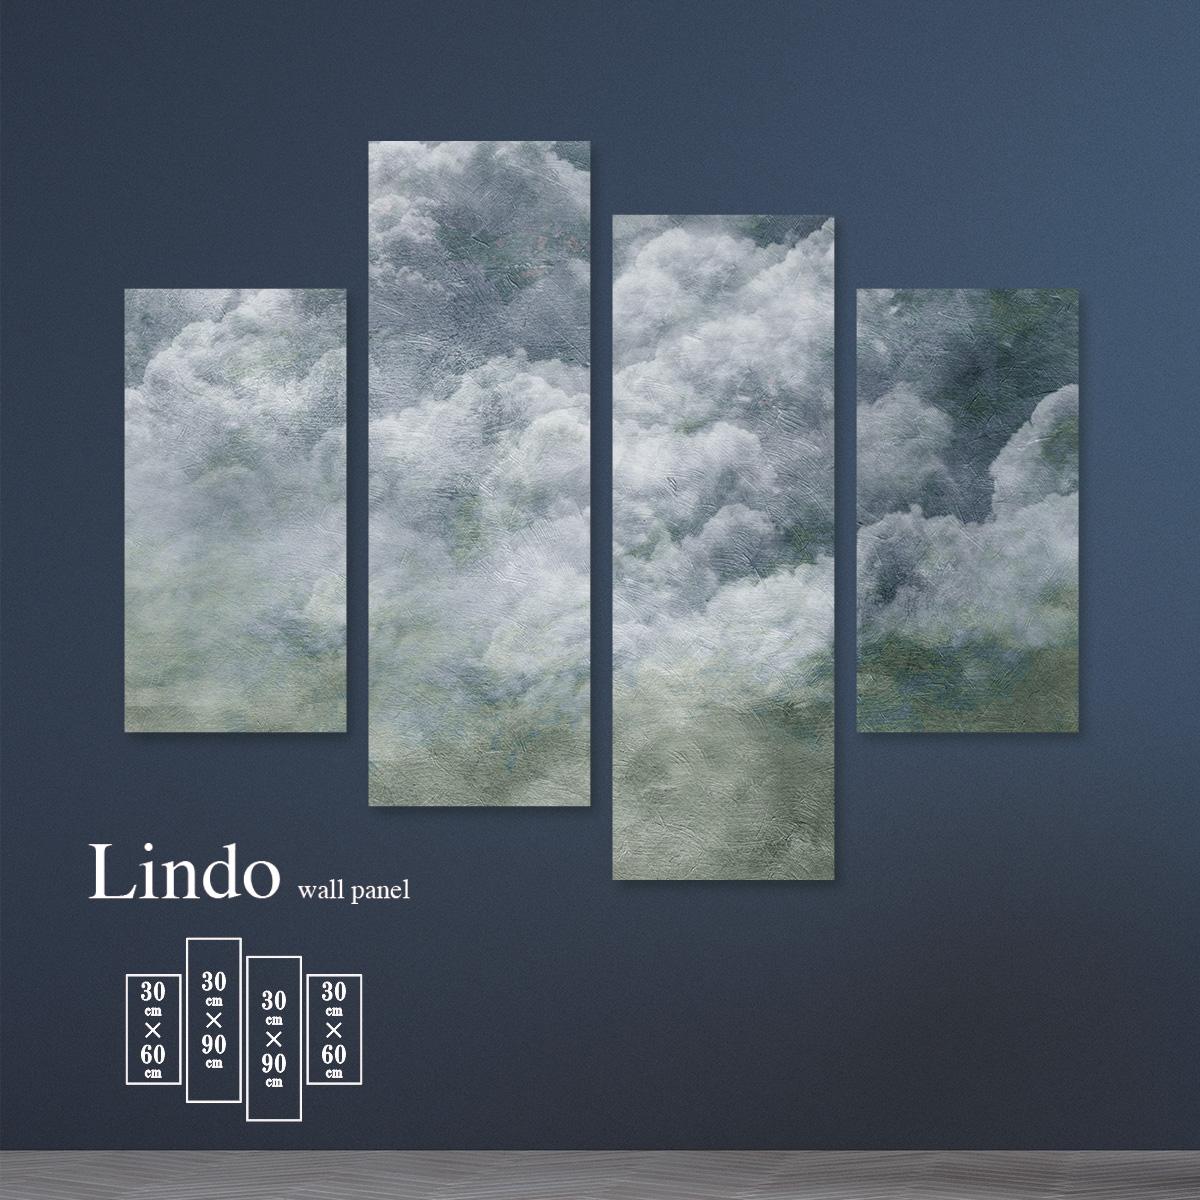 ファブリックパネル 雲 シンプル 絵 風景 イラスト 淡い もくもく 壁掛け 北欧 お洒落 デザイン アート 壁飾り アートボード 4枚パネル